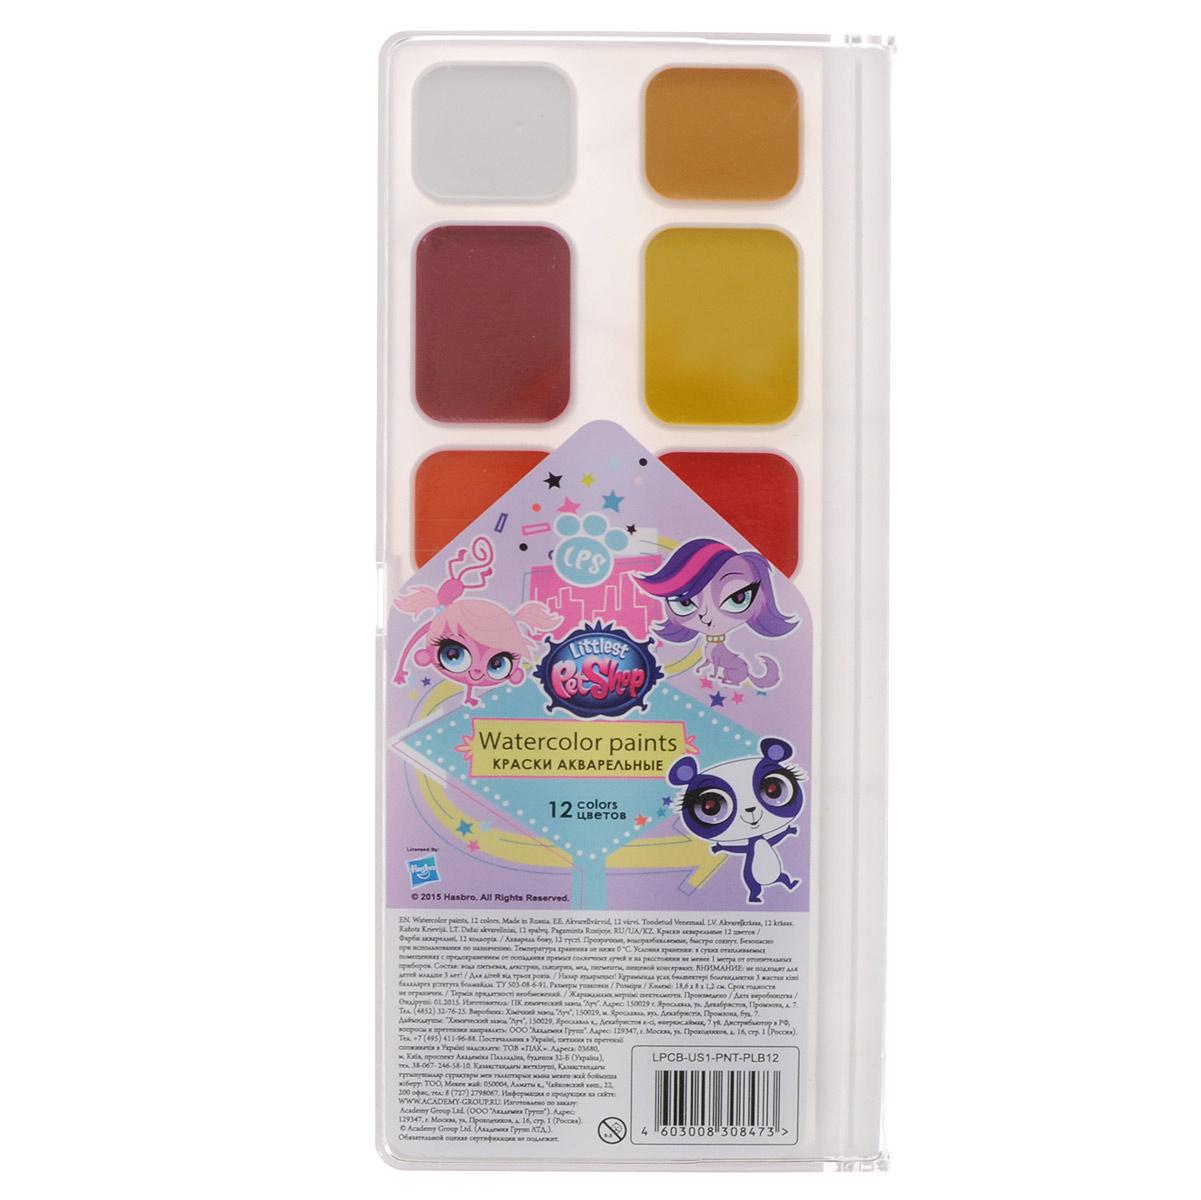 Краски акварельные медовые Littlest Pet Shop, 12 цветовLPCB-US1-PNT-PLB12Медовые акварельные краски Littlest Pet Shop идеально подойдут для детского художественного творчества, изобразительных и оформительских работ. Краски легко размываются, создавая прозрачный цветной слой, легко смешиваются между собой, не крошатся и не смазываются, быстро сохнут. В набор входят краски 12 ярких насыщенных цветов и оттенков.В процессе рисования у детей развивается наглядно-образное мышление, воображение, мелкая моторика рук, творческие и художественные способности, вырабатывается усидчивость и аккуратность.